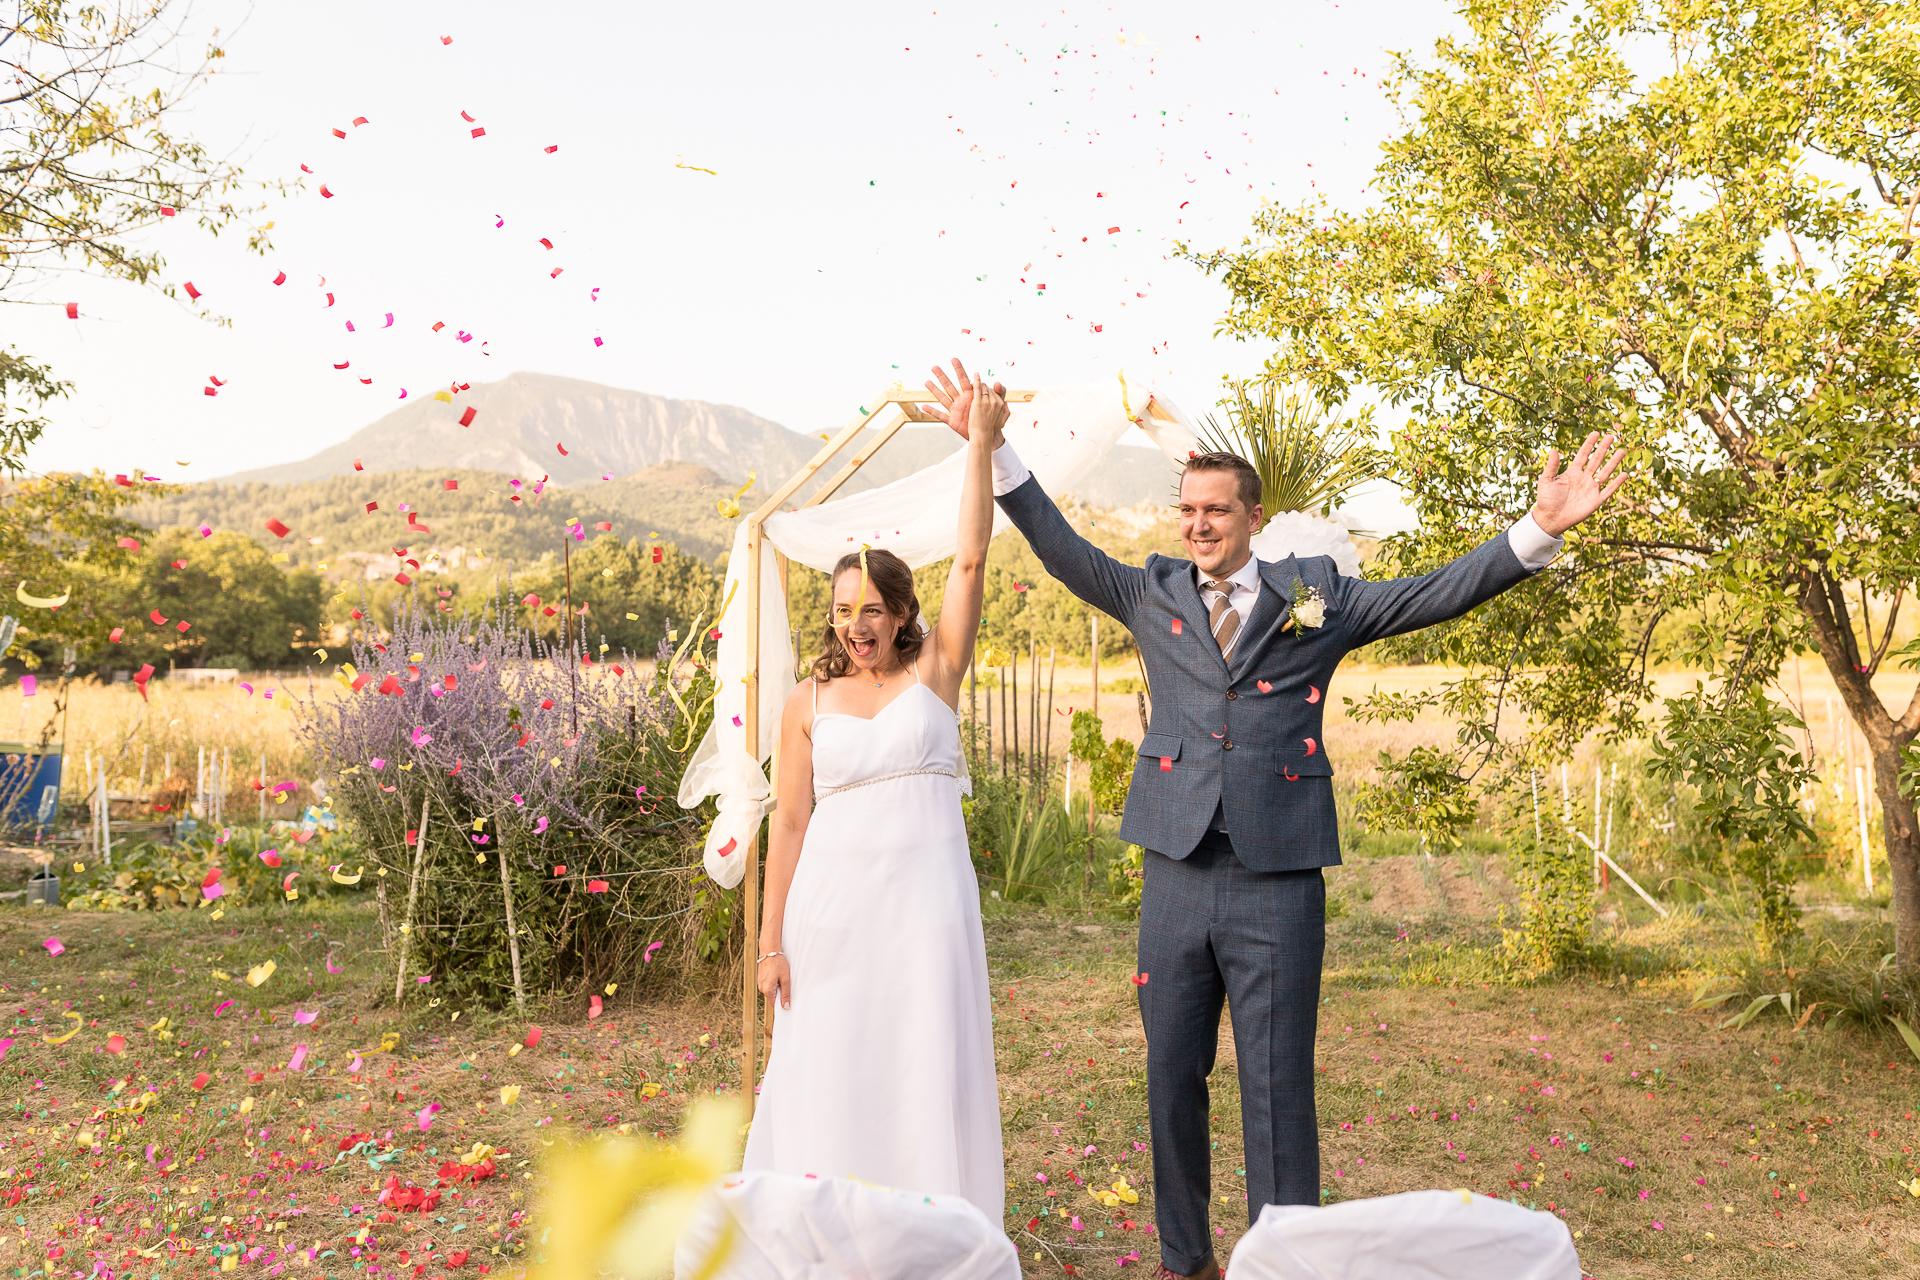 Foto de la ceremonia de matrimonio al aire libre de Francia | Los recién casados se dan la mano y celebran su unión